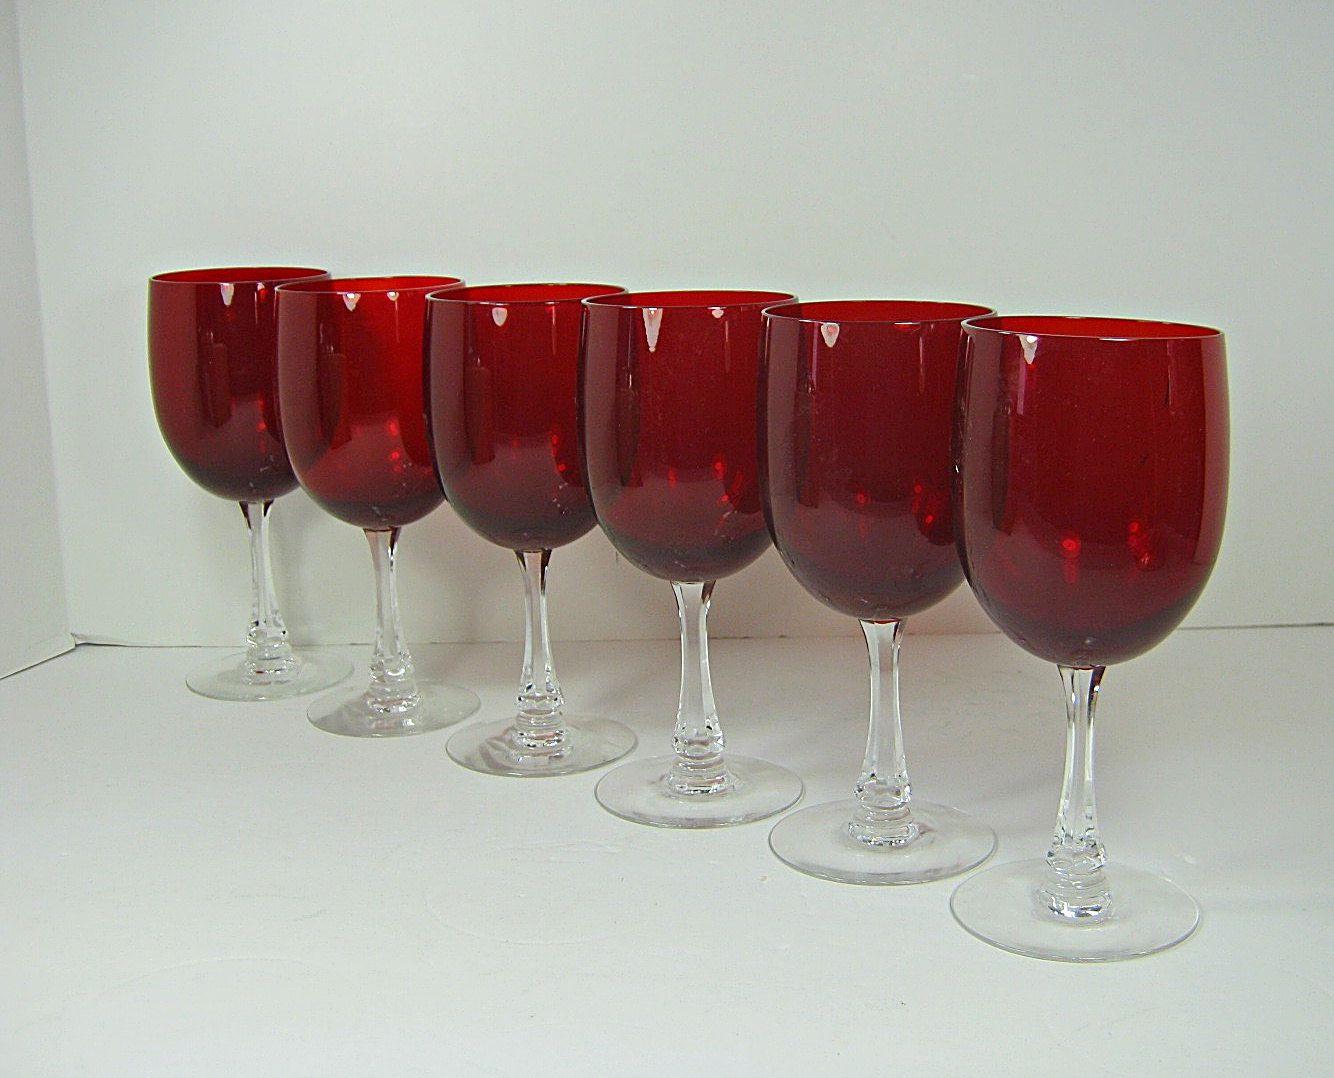 Vintage Ruby Red Wine Glasses Set 6 Fostoria Signed Crystal Stemware Glass Goblet Red Wine Glasses Crystal Stemware Crystal Wine Glasses